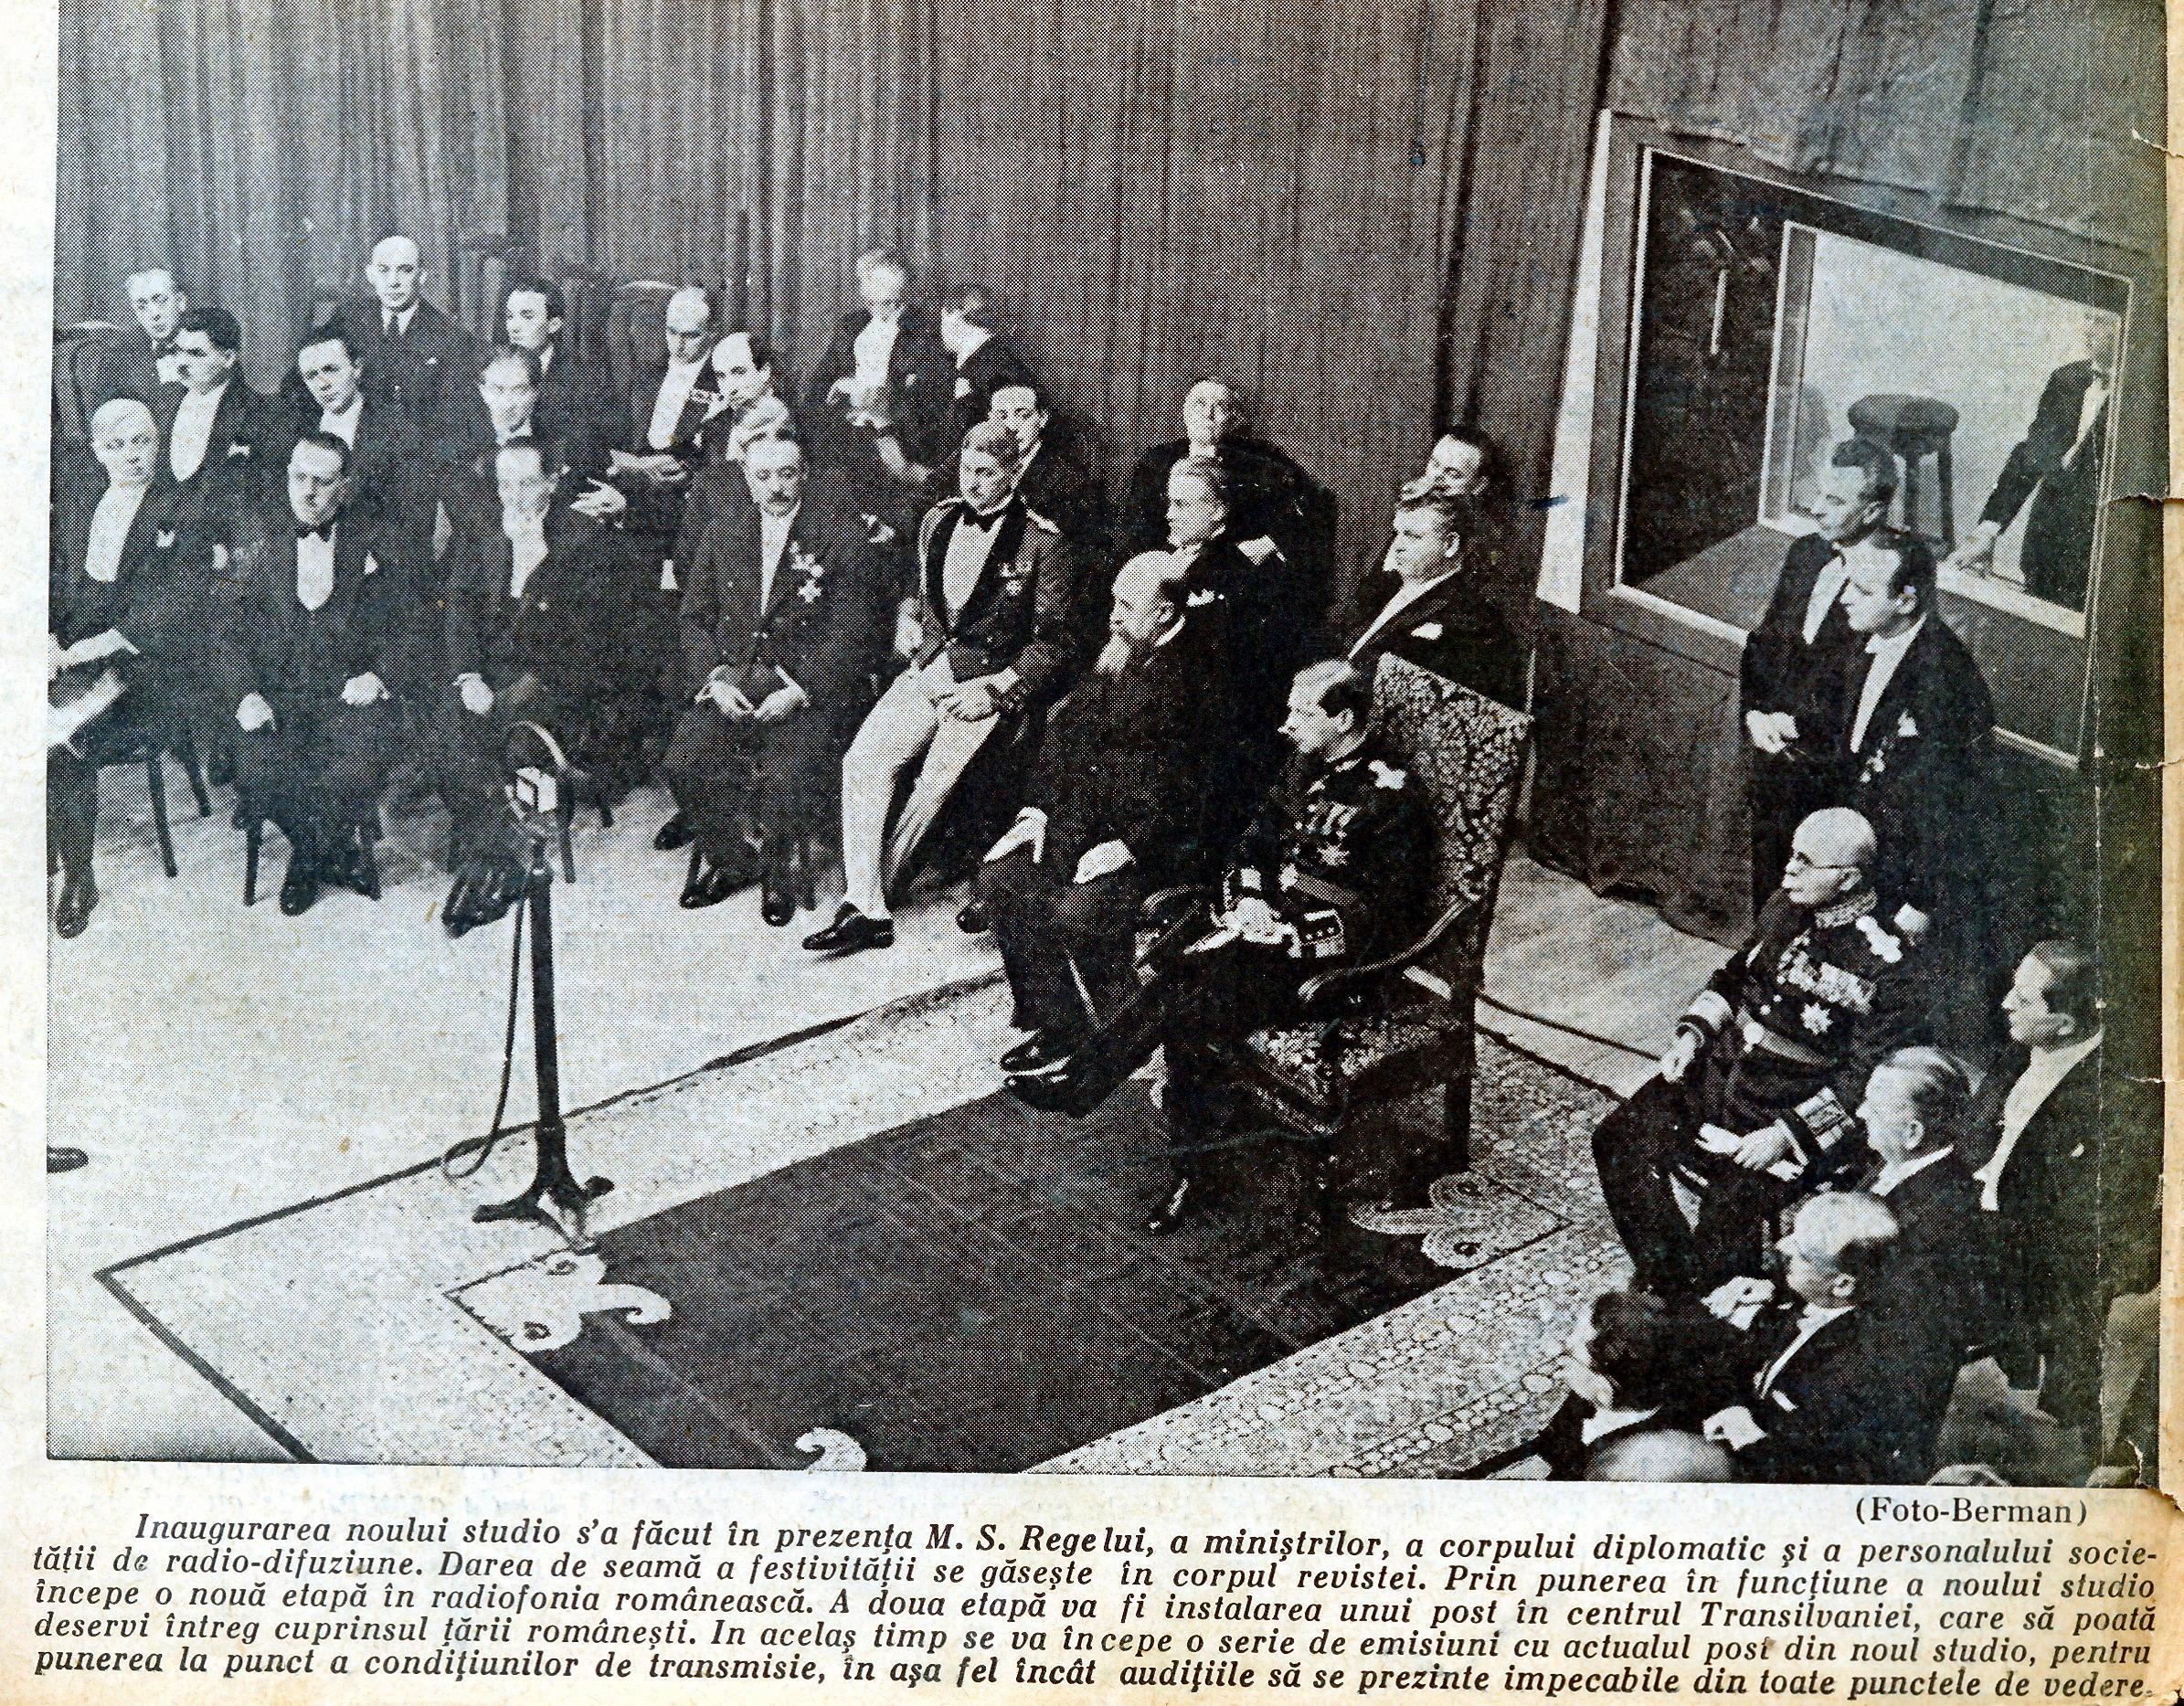 Carol ṣi Nicolae Iorga, la inaugurearea noului Studio a Radioului, Revista Radiofonia,1932, Arhiva scrisă a SRR